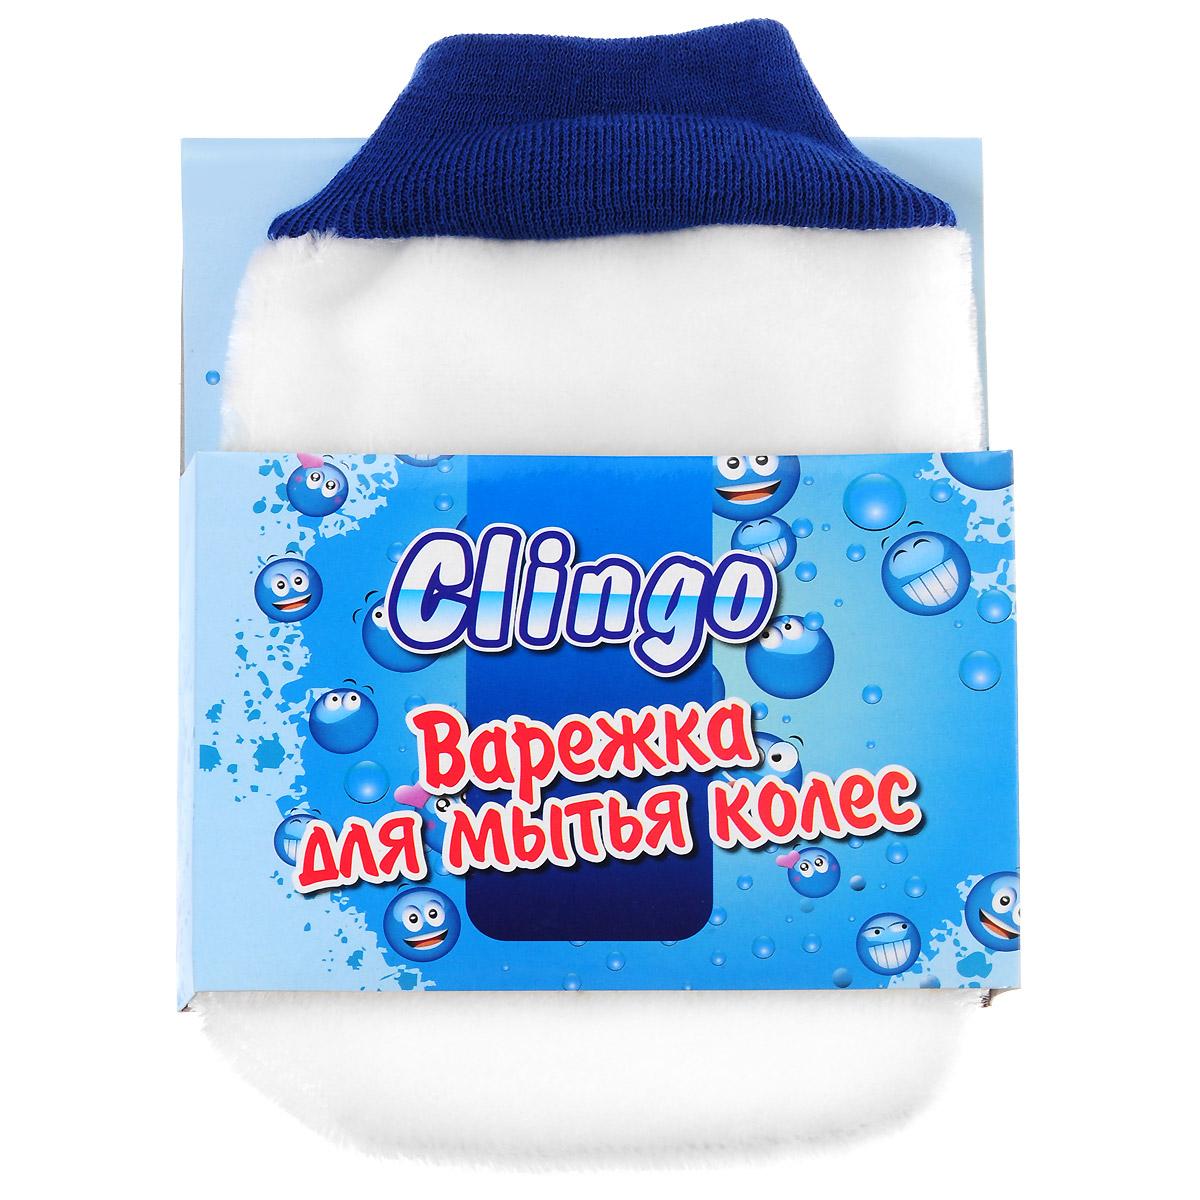 Рукавичка для мытья колес Clingo, жесткий ворс, 24,5 см х 16 см